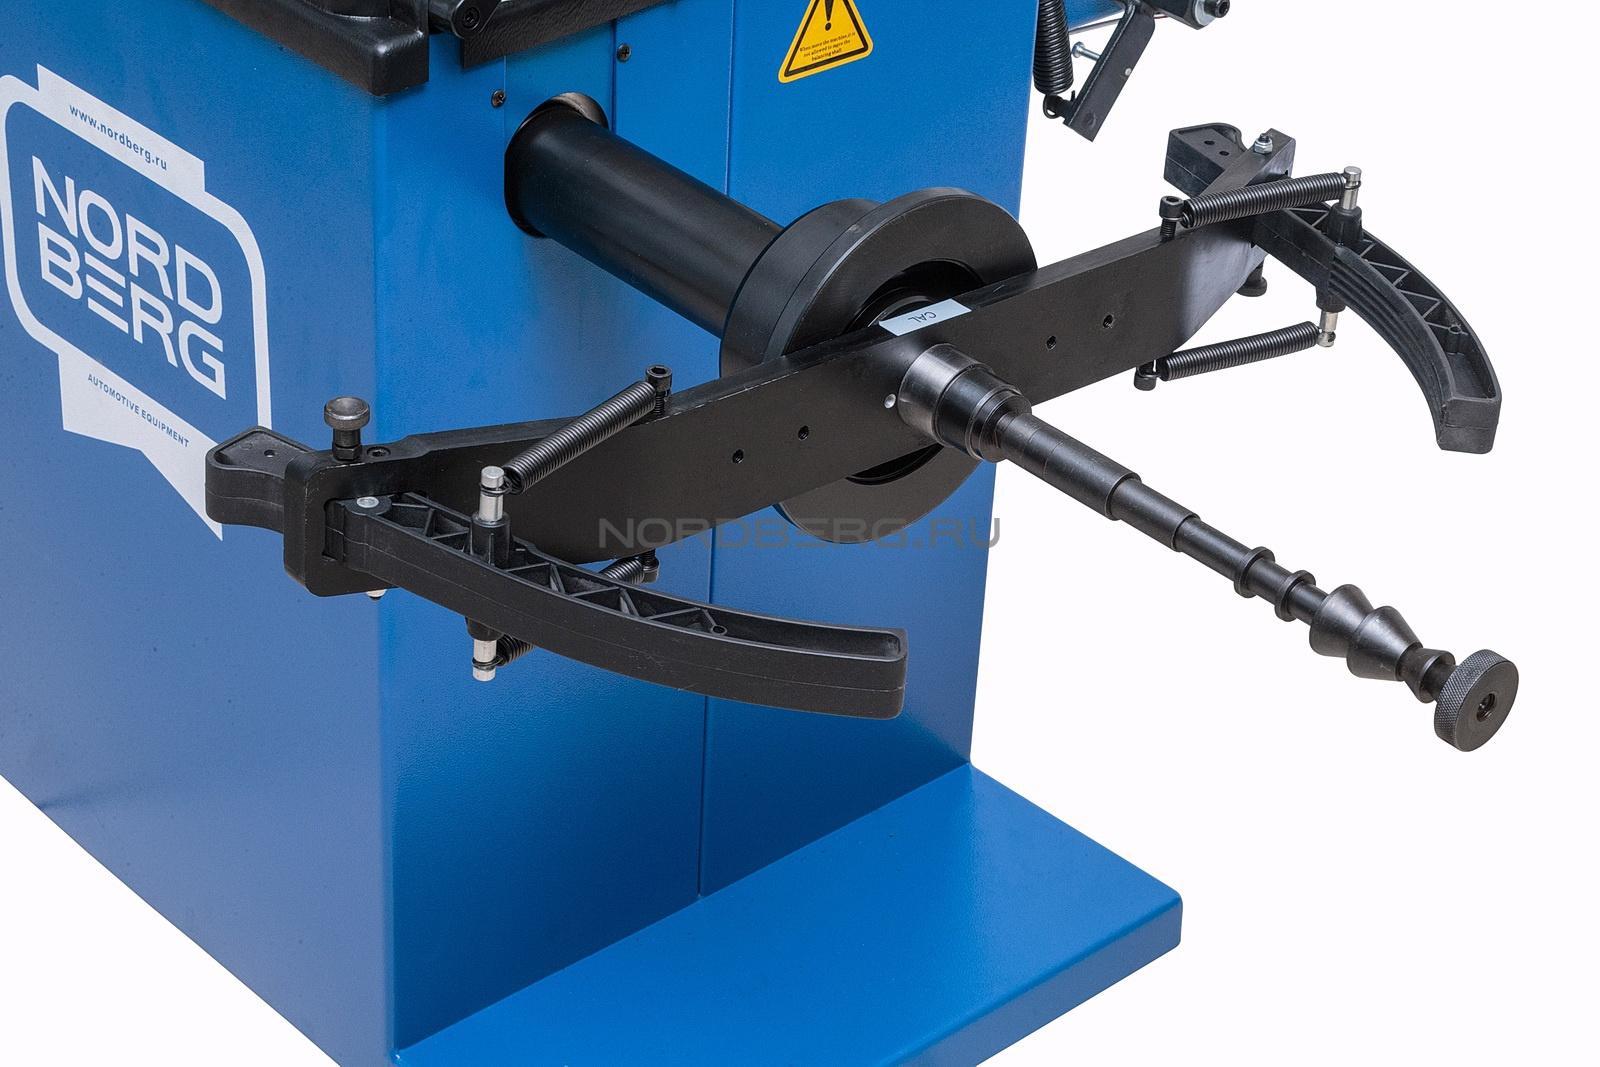 Адаптер для мотоциклетных колес 6008839 (TB-M-0100000) Nordberg